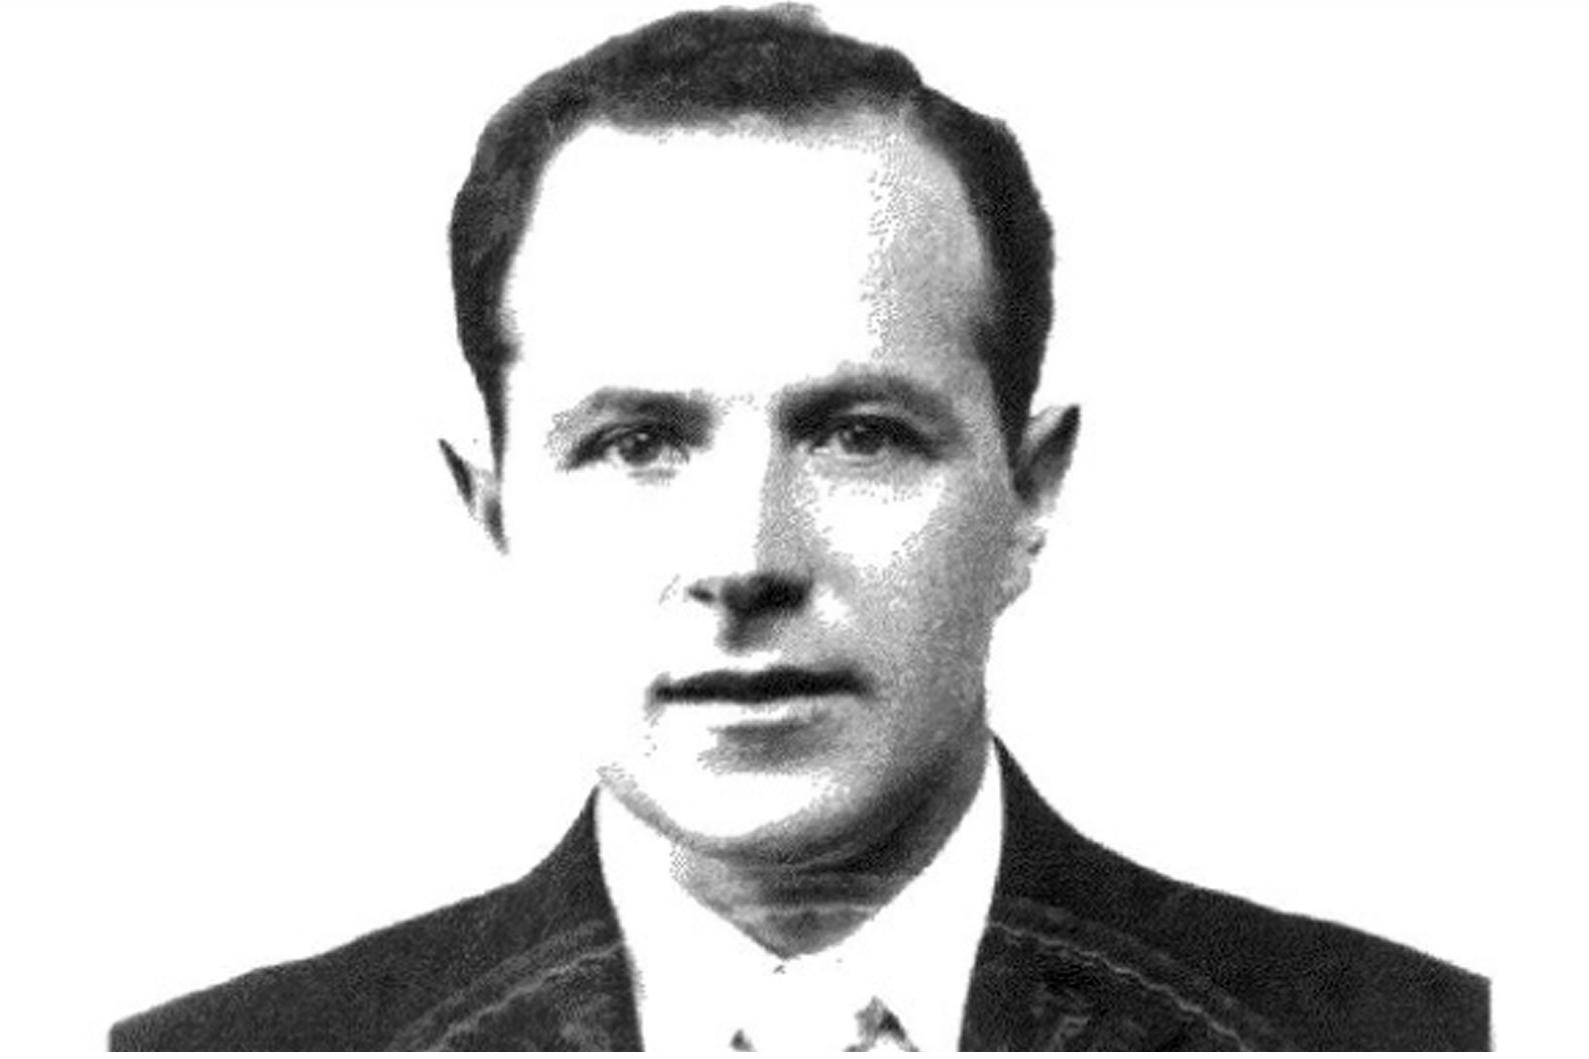 Były nazistowski strażnik obozu koncentracyjnego mieszkający w Nowym Jorku, deportowany do Niemiec